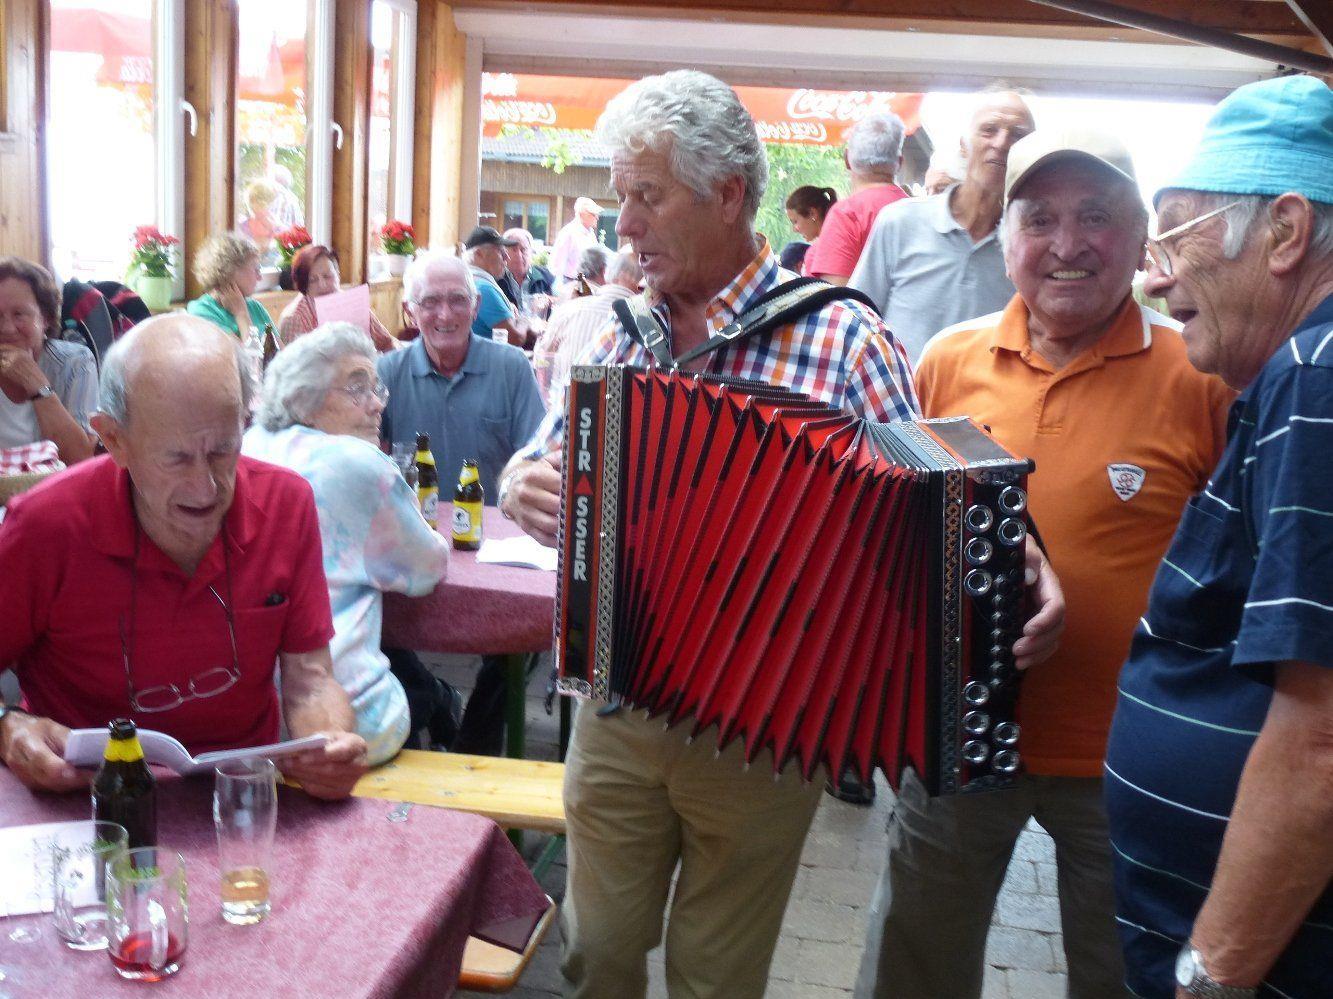 Stimmungsvoller Grillnachmittag der Lochauer Senioren auf dem Fesslerhof in Eichenberg/Schüssellehen.